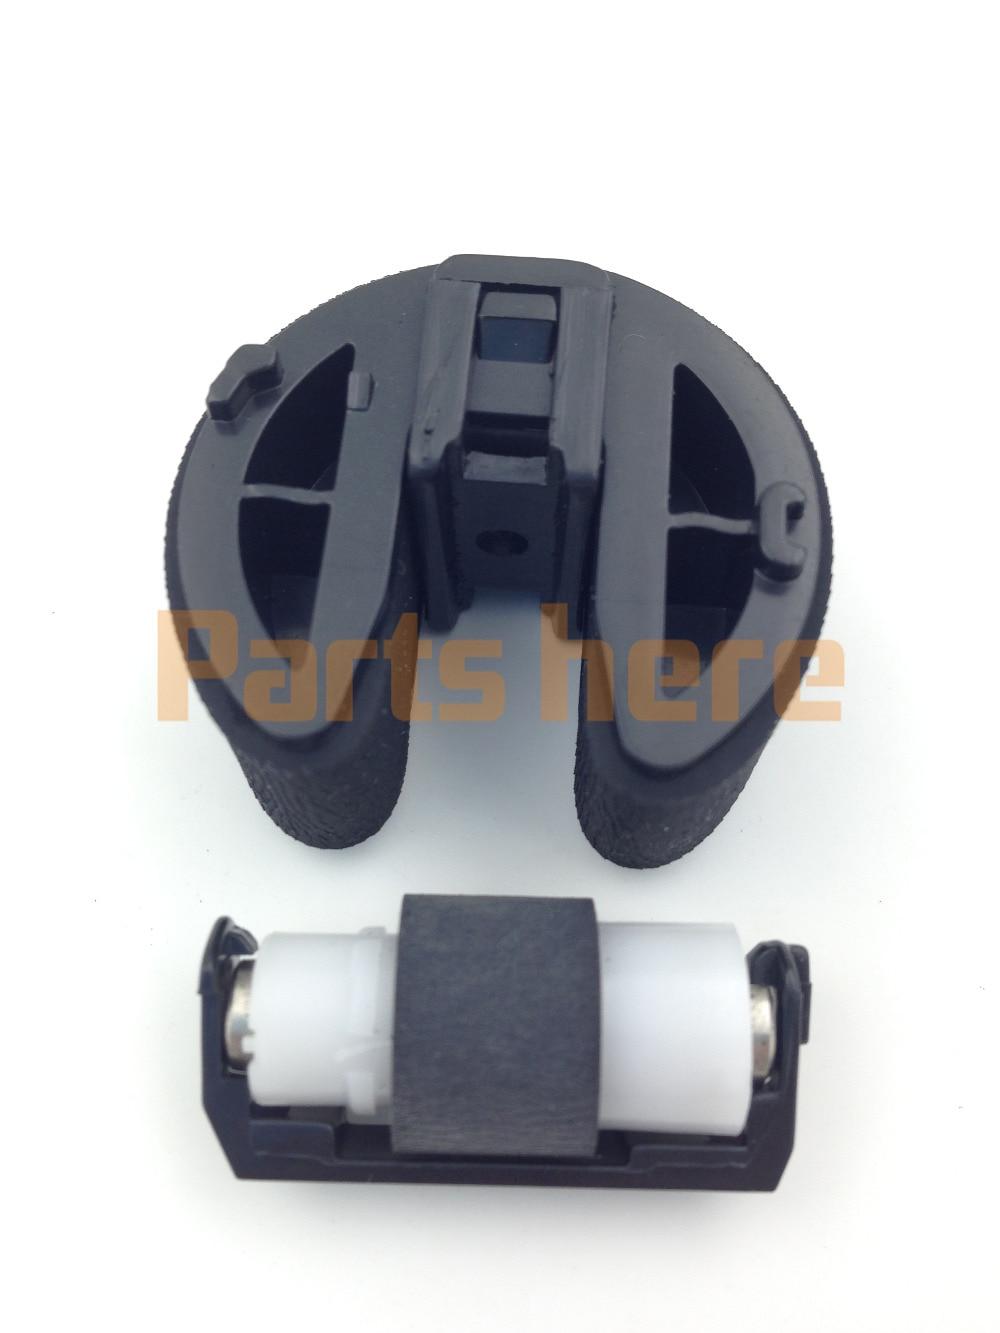 Cc430-67901 rm1-4425 rm1-8765 rm1-4426 einzugswalze montage für hp cm1312 cm2320 cp2025 cp1215...